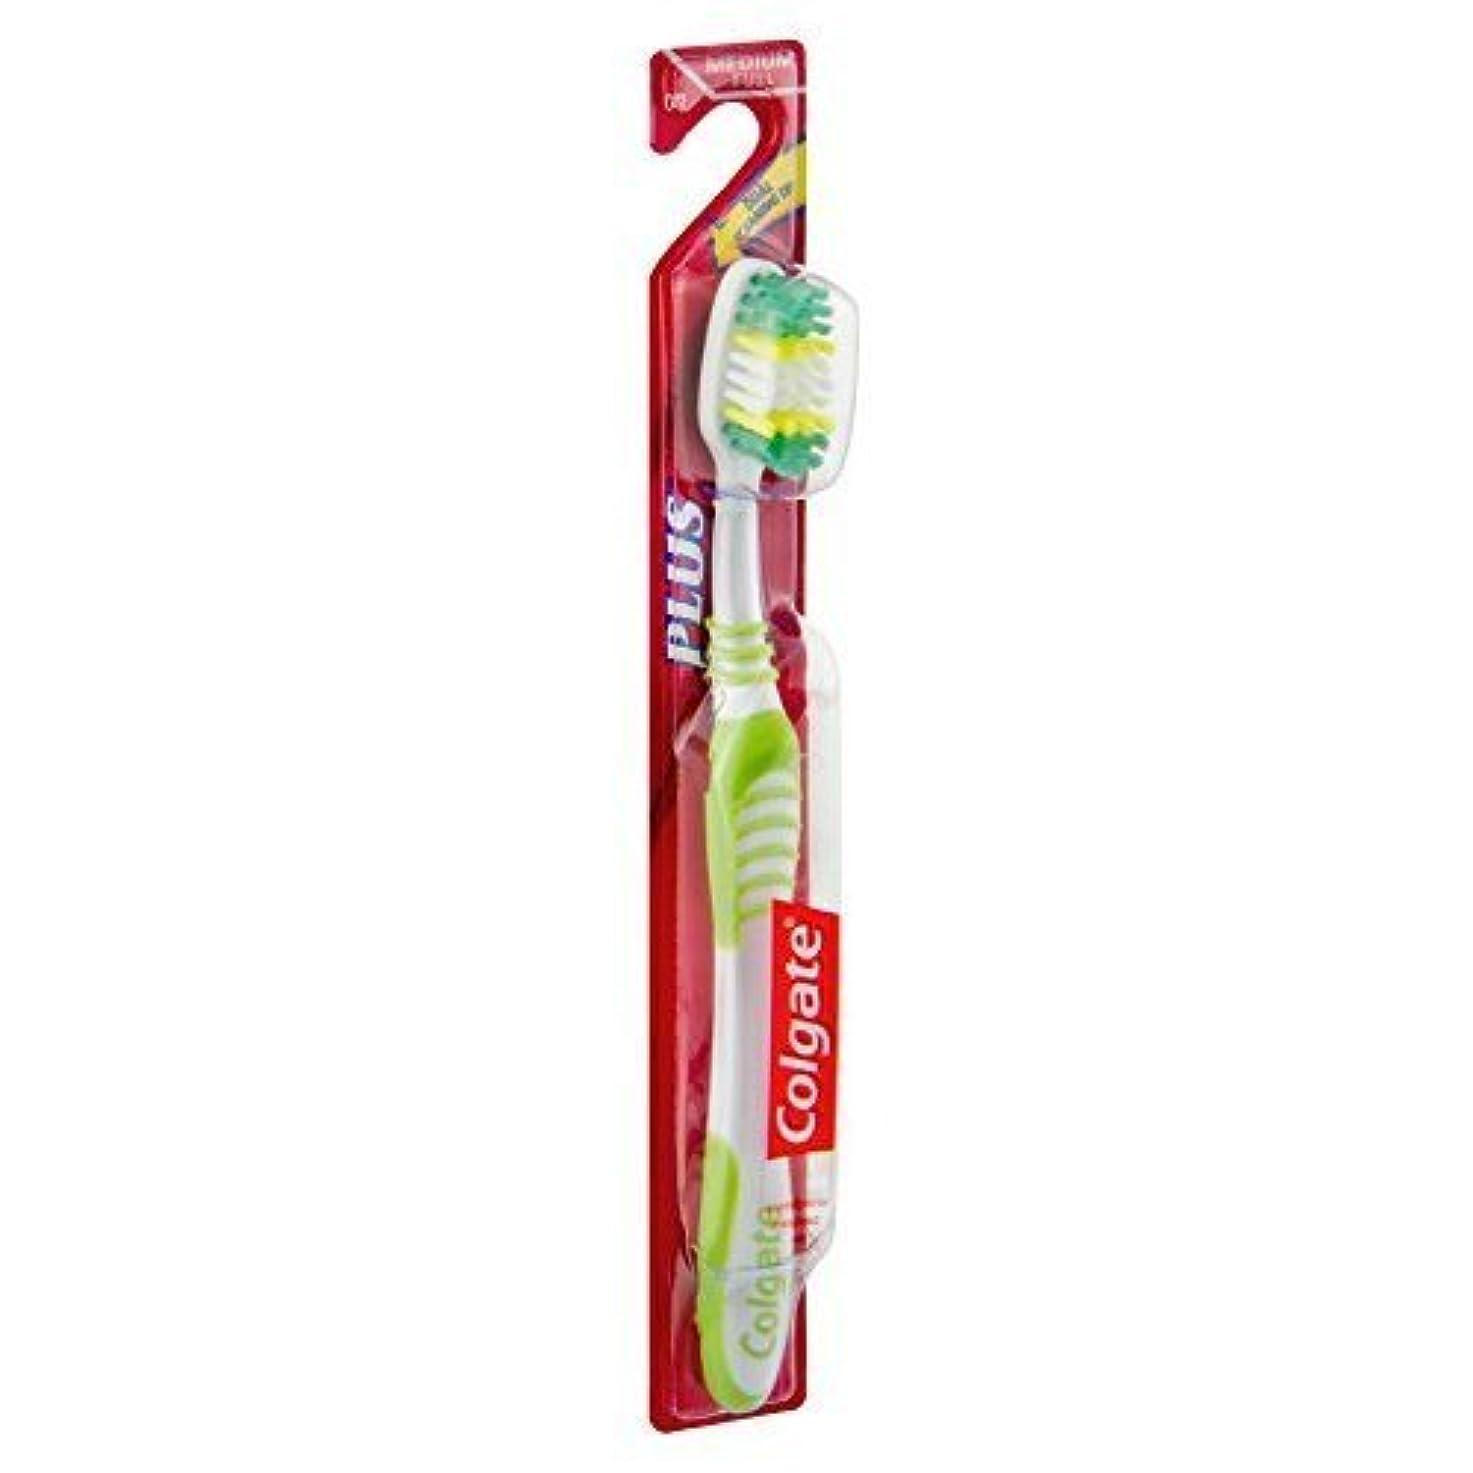 付録廃棄交通渋滞Colgate PULSバイレベルメッドHdの歯ブラシ、6パック